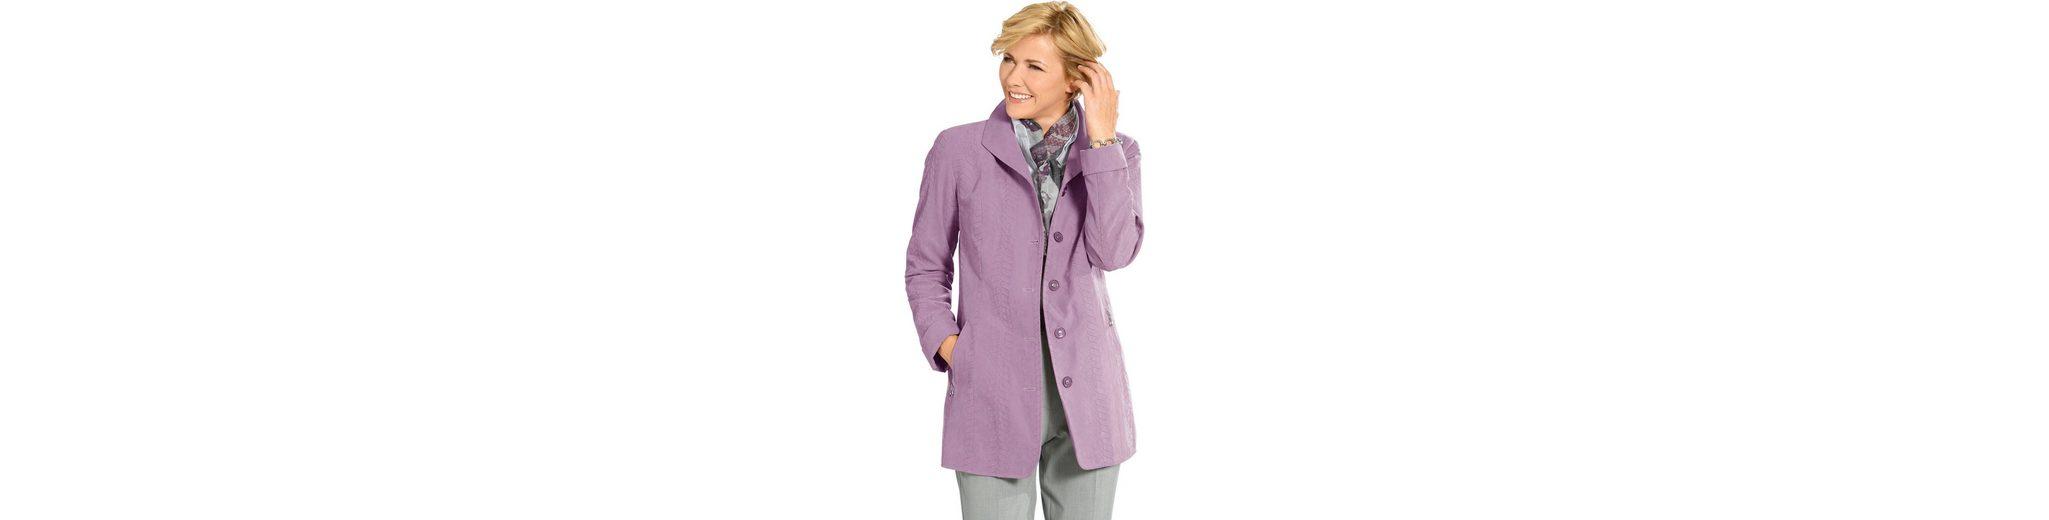 Rabatt Neuesten Kollektionen Spielraum Fabrikverkauf Jacke in funktioneller Micro-Moss-Qualität Offizielle Seite PEE8syV